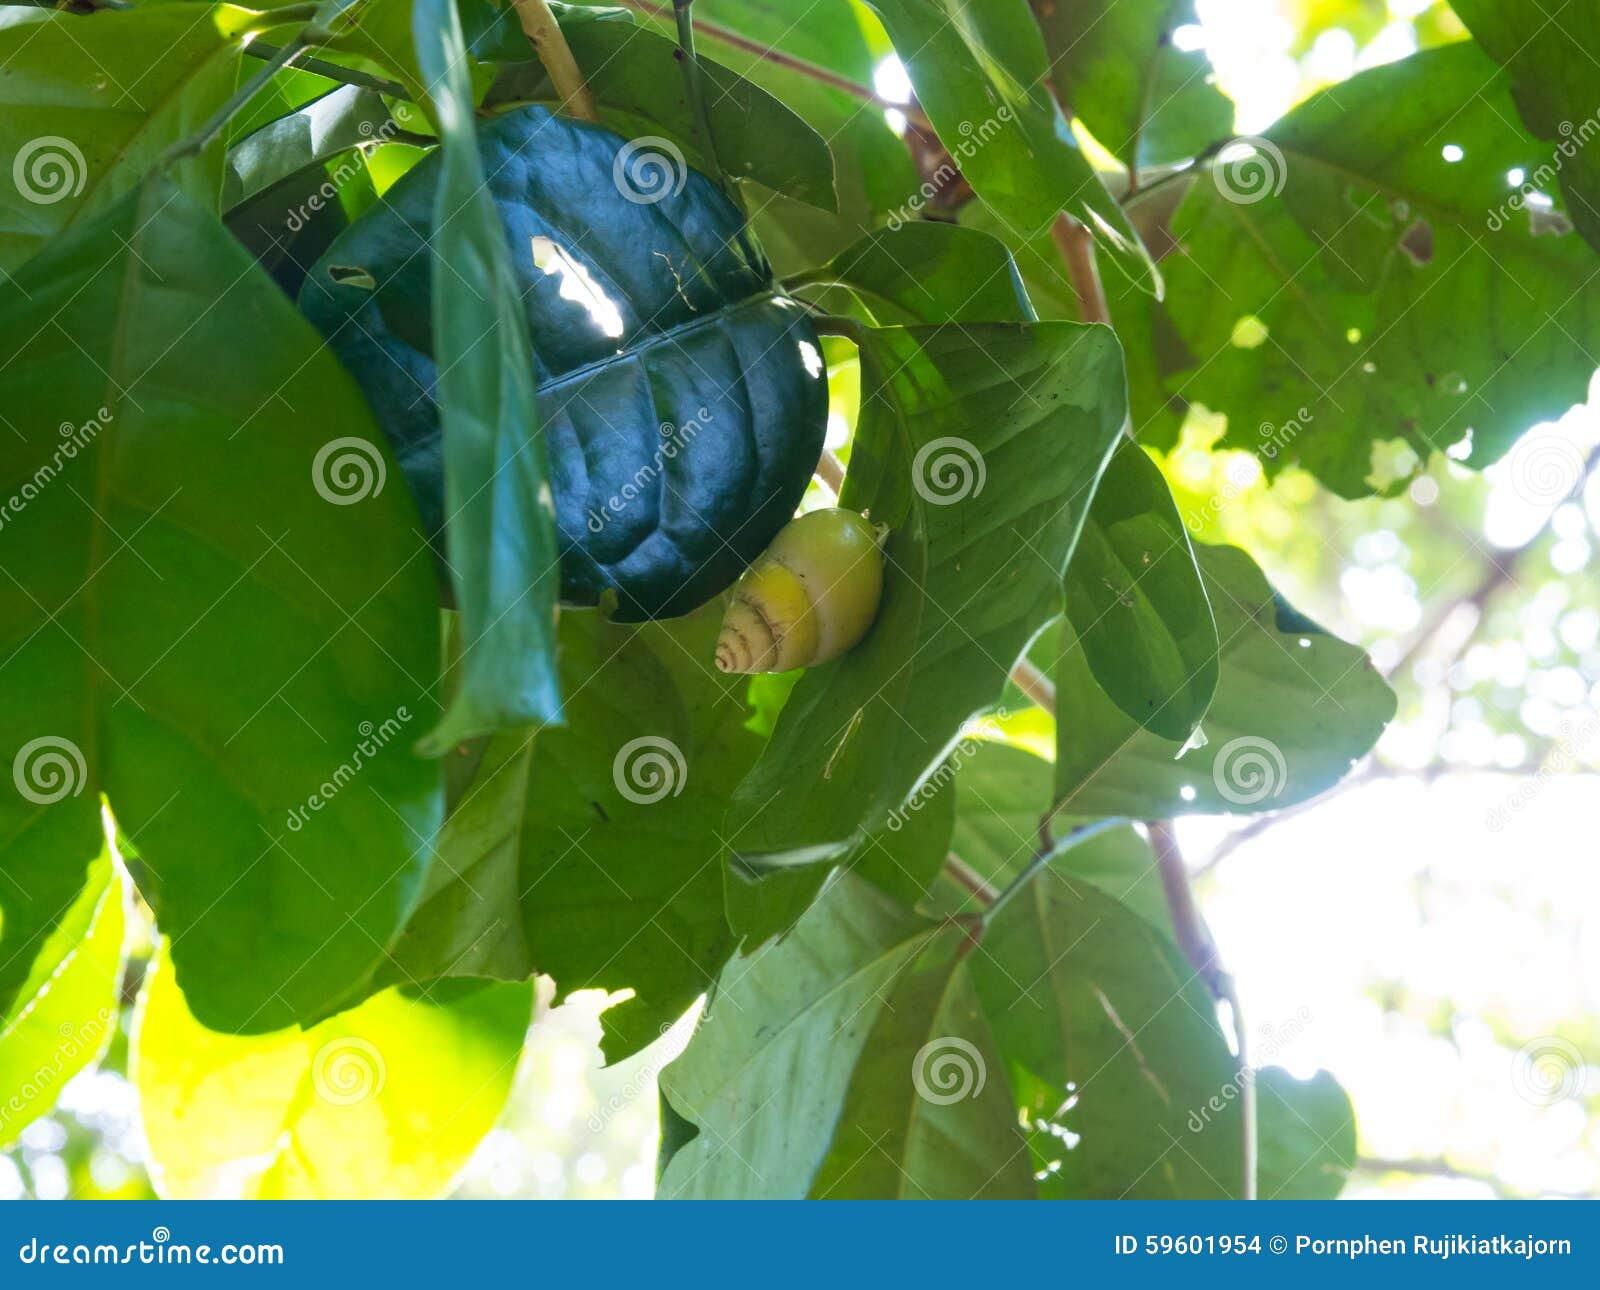 green leaf serum